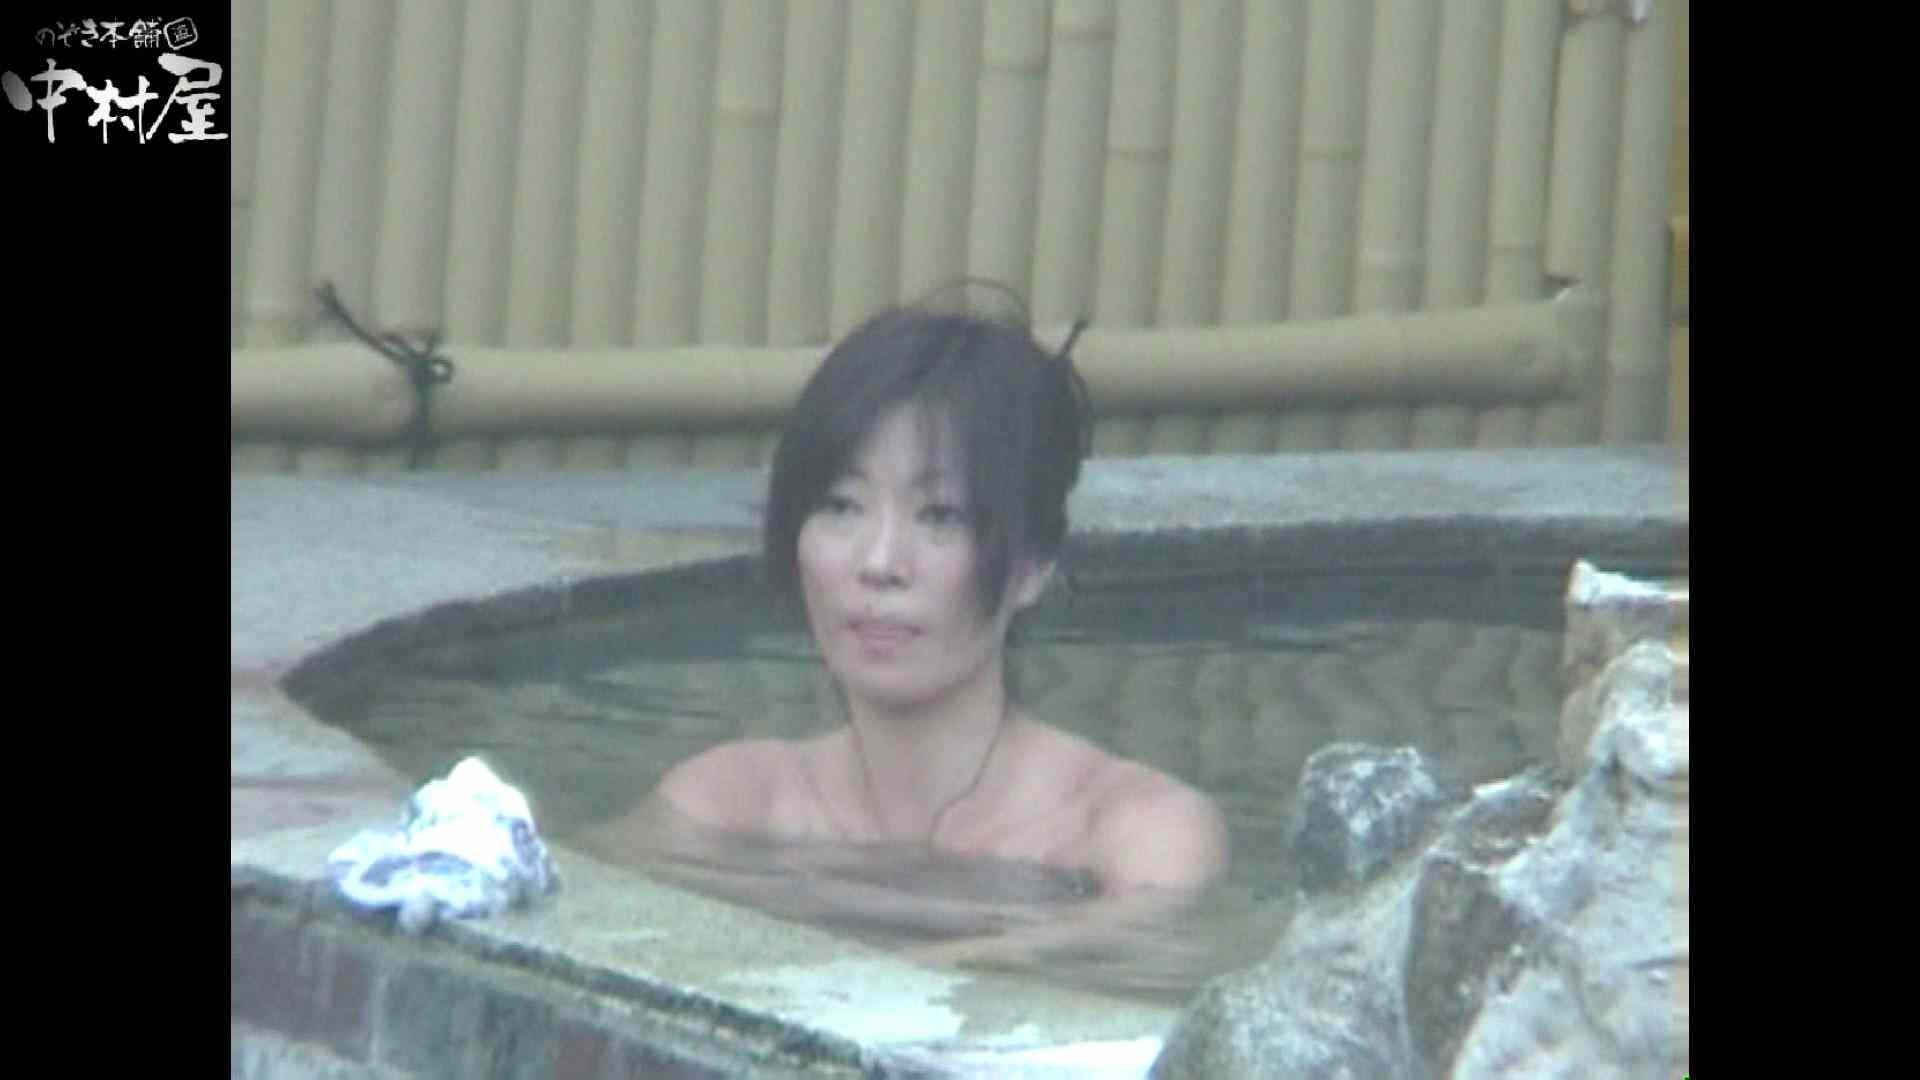 Aquaな露天風呂Vol.972 OLのエロ生活  105連発 69